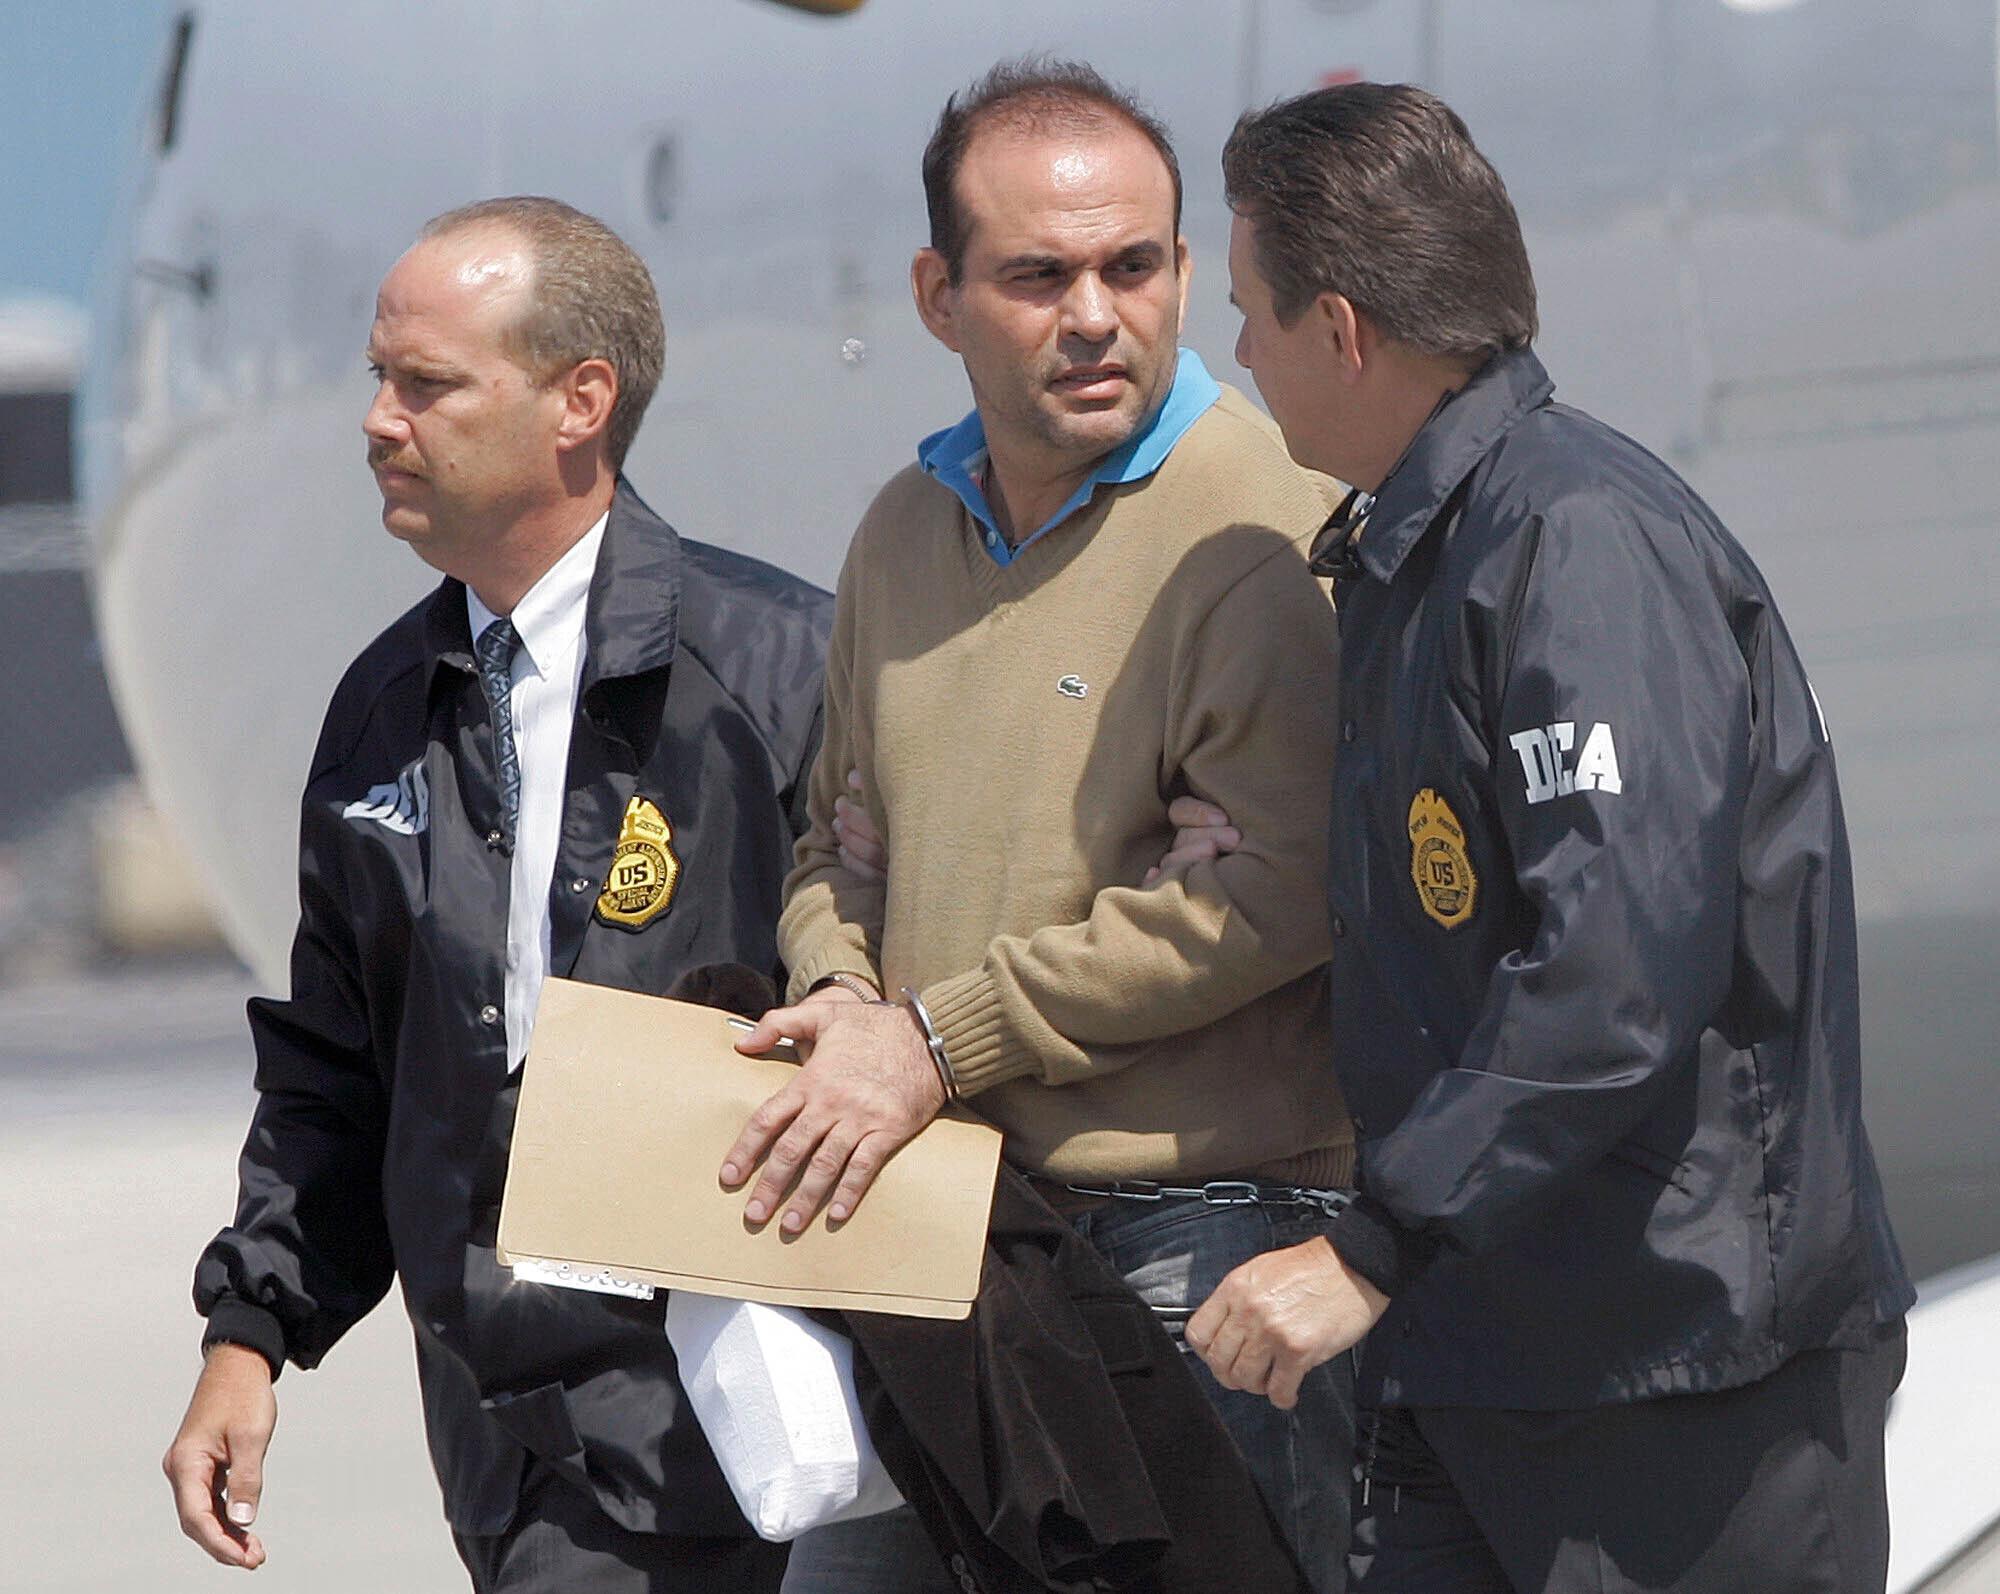 Salvatore Mancuso: El embajador de Colombia en Estados Unidos se defiende  de las acusaciones de un exjefe paramilitar | Internacional | EL PAÍS